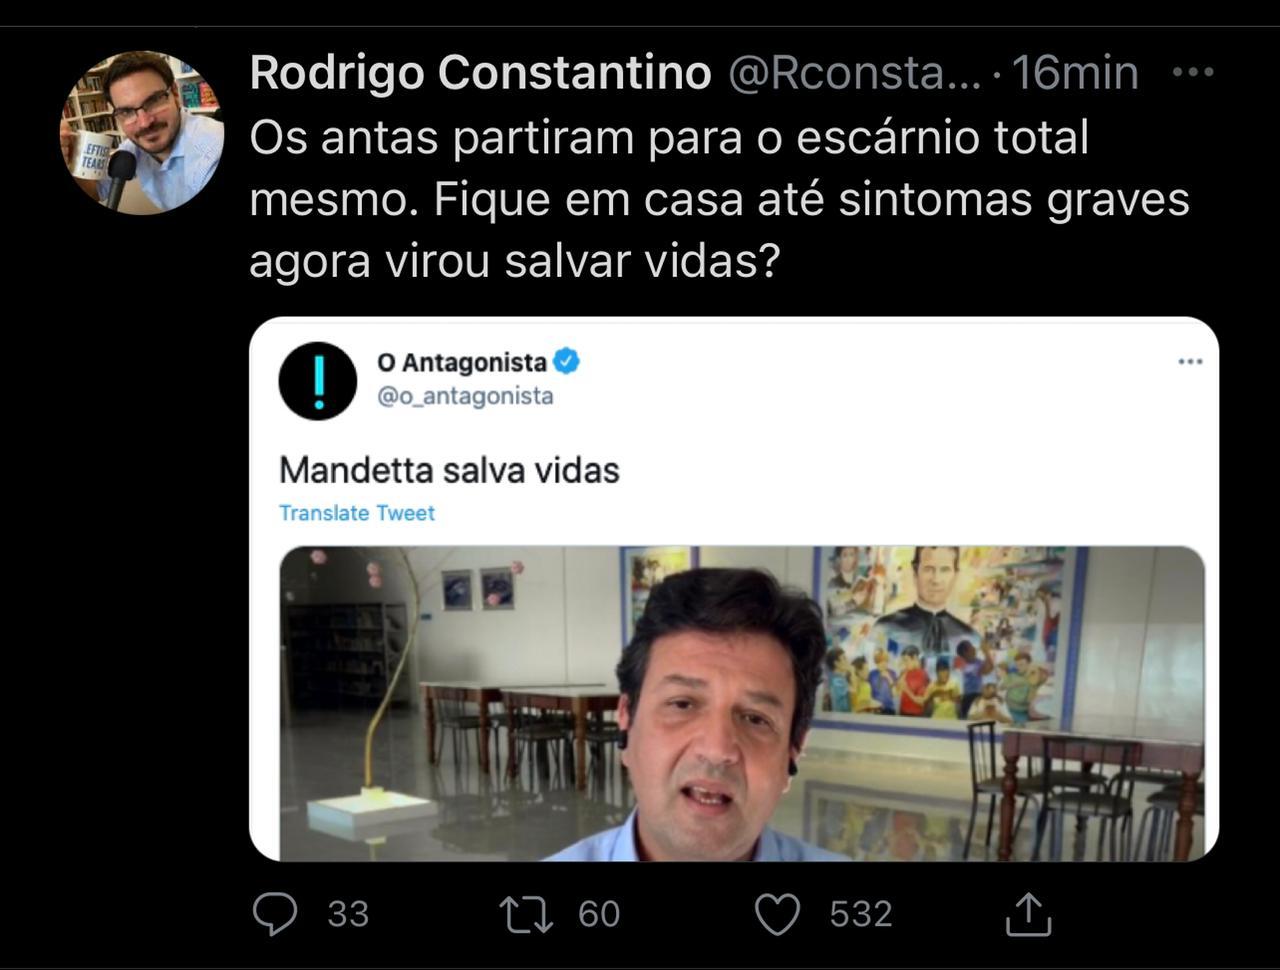 """'O Antagonista' diz que Mandetta 'salva vidas' e Constantino rebate: """"Fique em casa até sintomas graves agora virou salvar vidas?"""""""